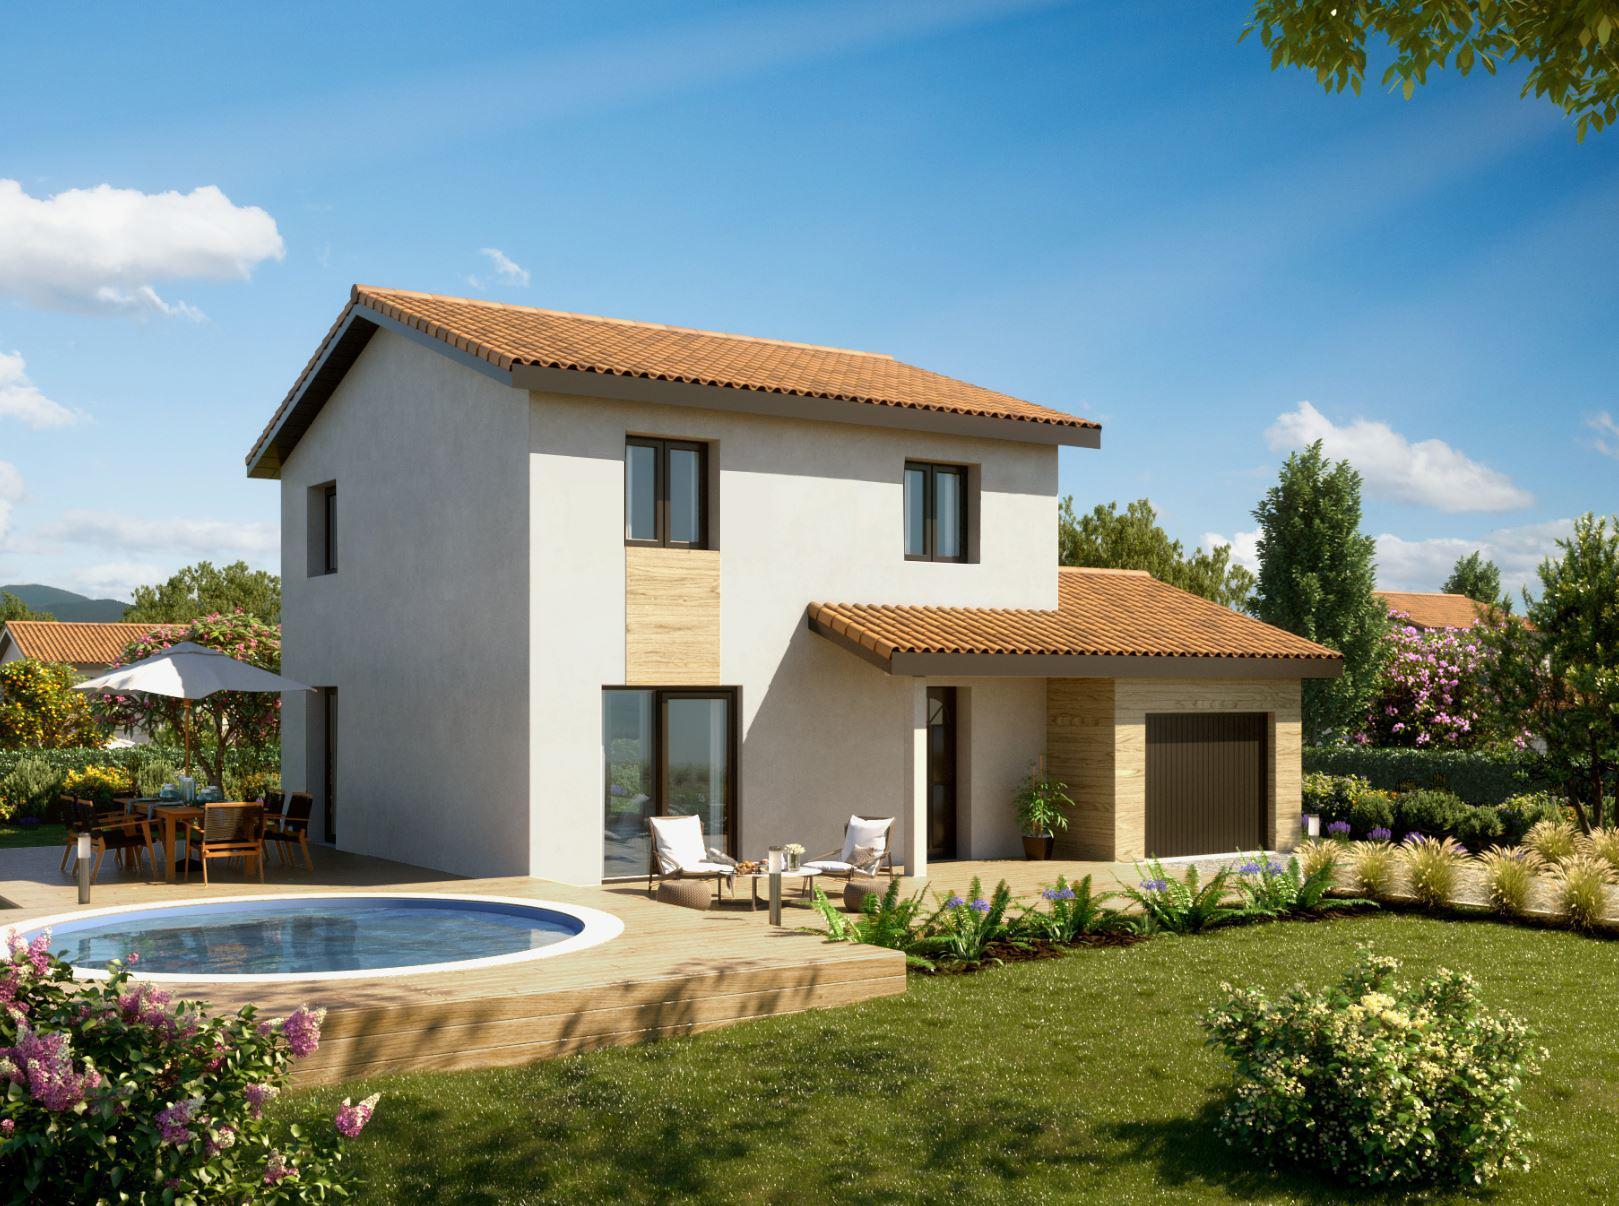 Maisons + Terrains du constructeur MAISONS PUNCH BOURGOIN • 79 m² • BIZONNES